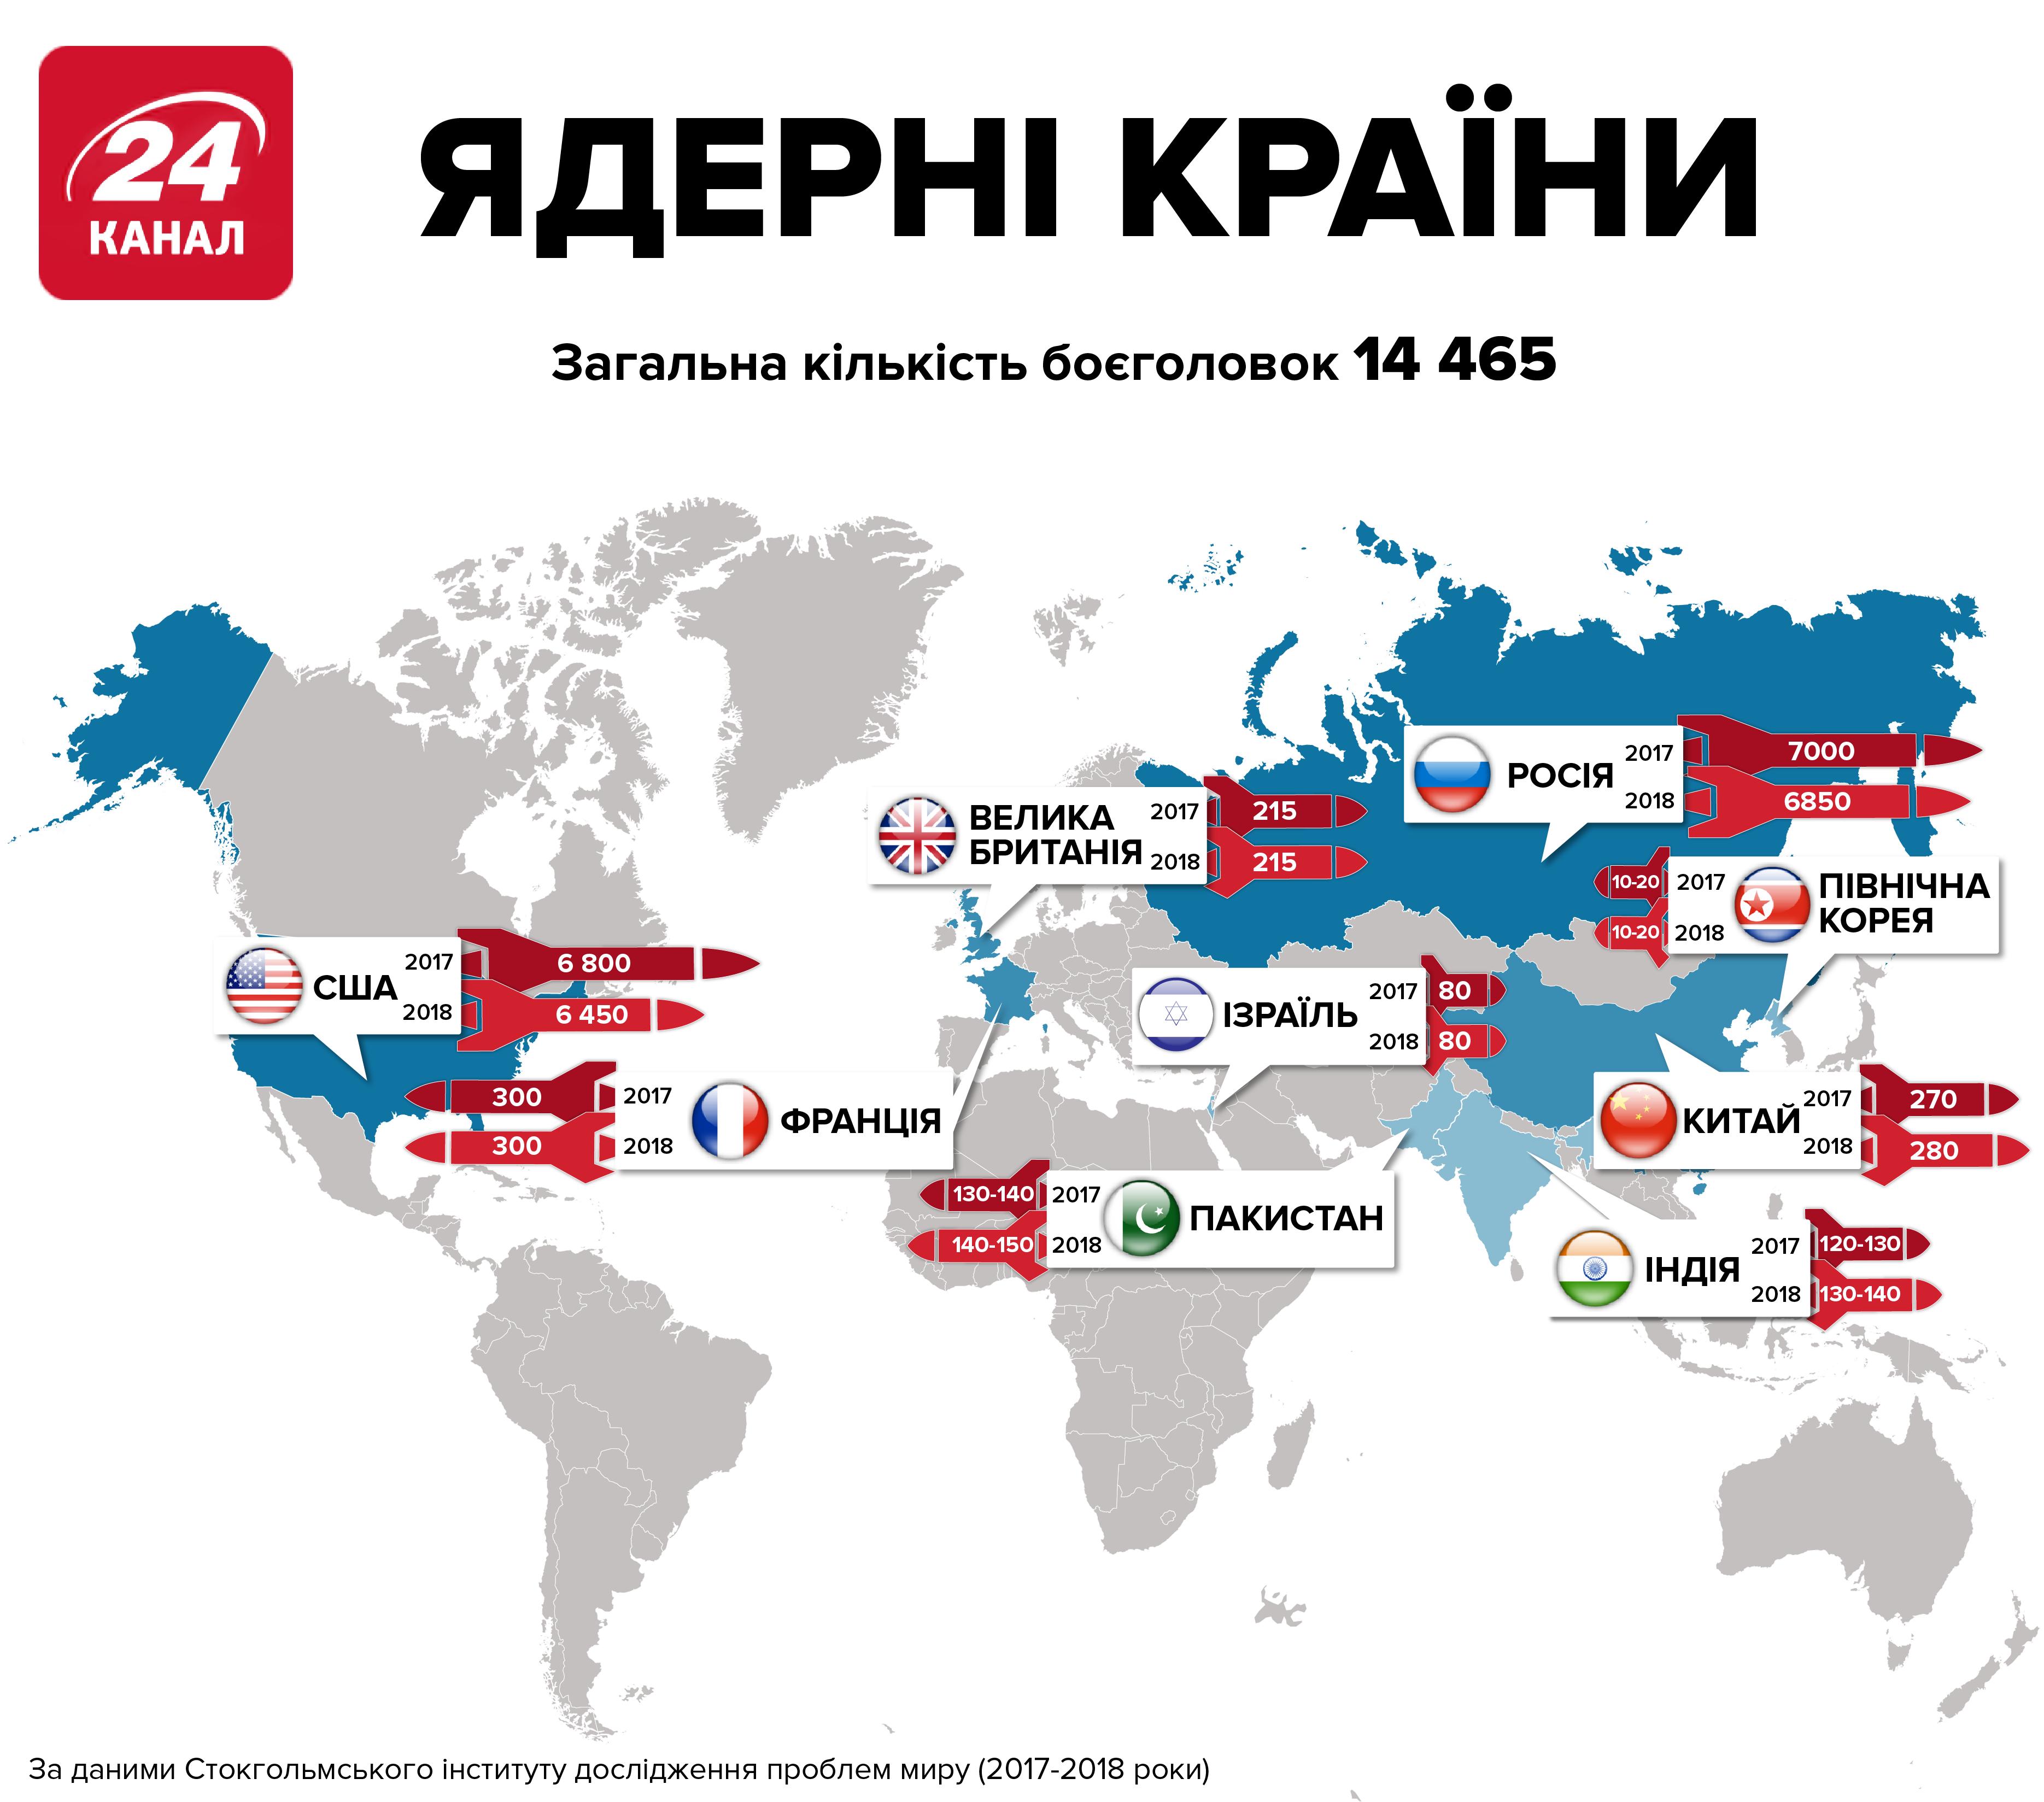 Країни, у яких є ядерна зброя